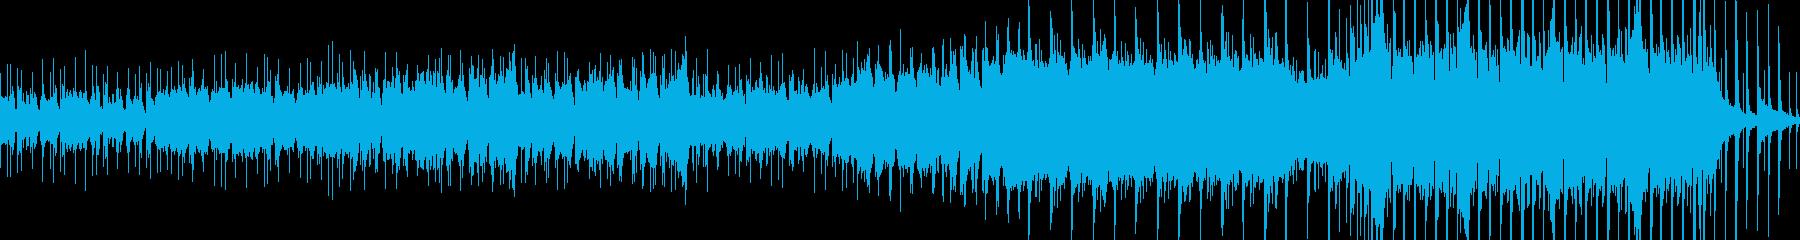 コミカルでホラーなデスステップの再生済みの波形